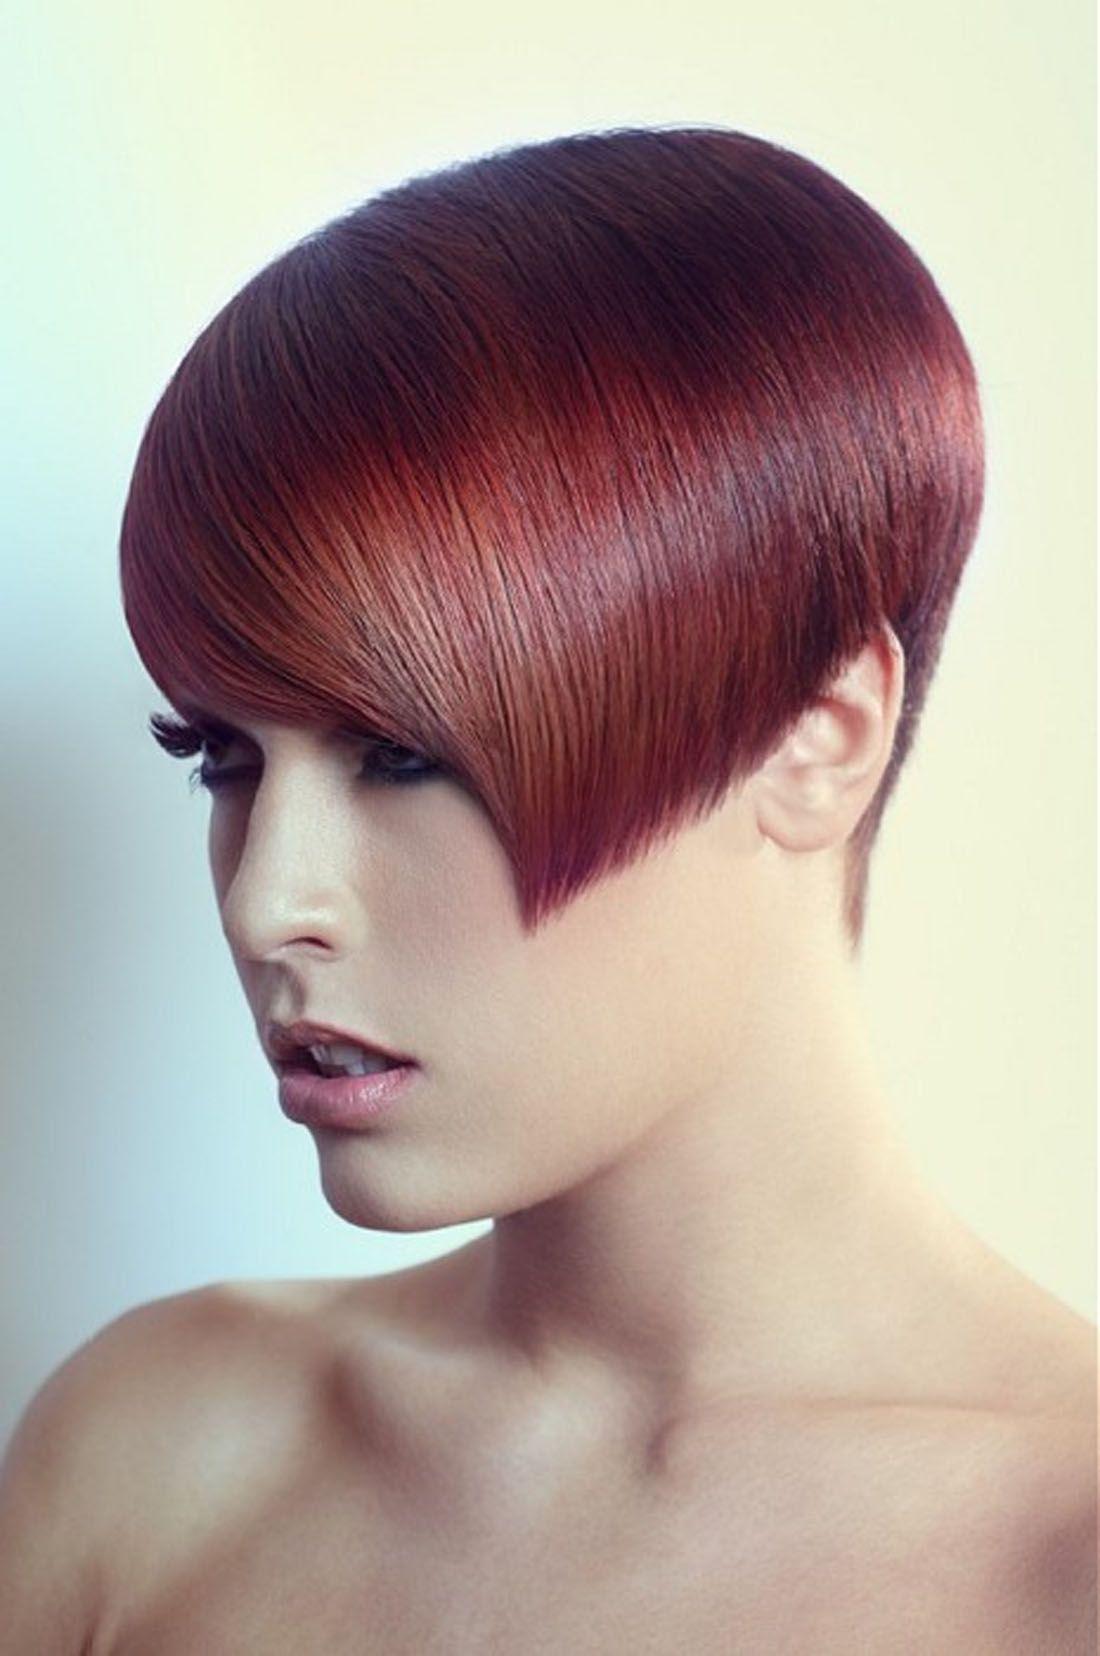 Cerchi un nuovo taglio di capelli ecco per te foto e consigli